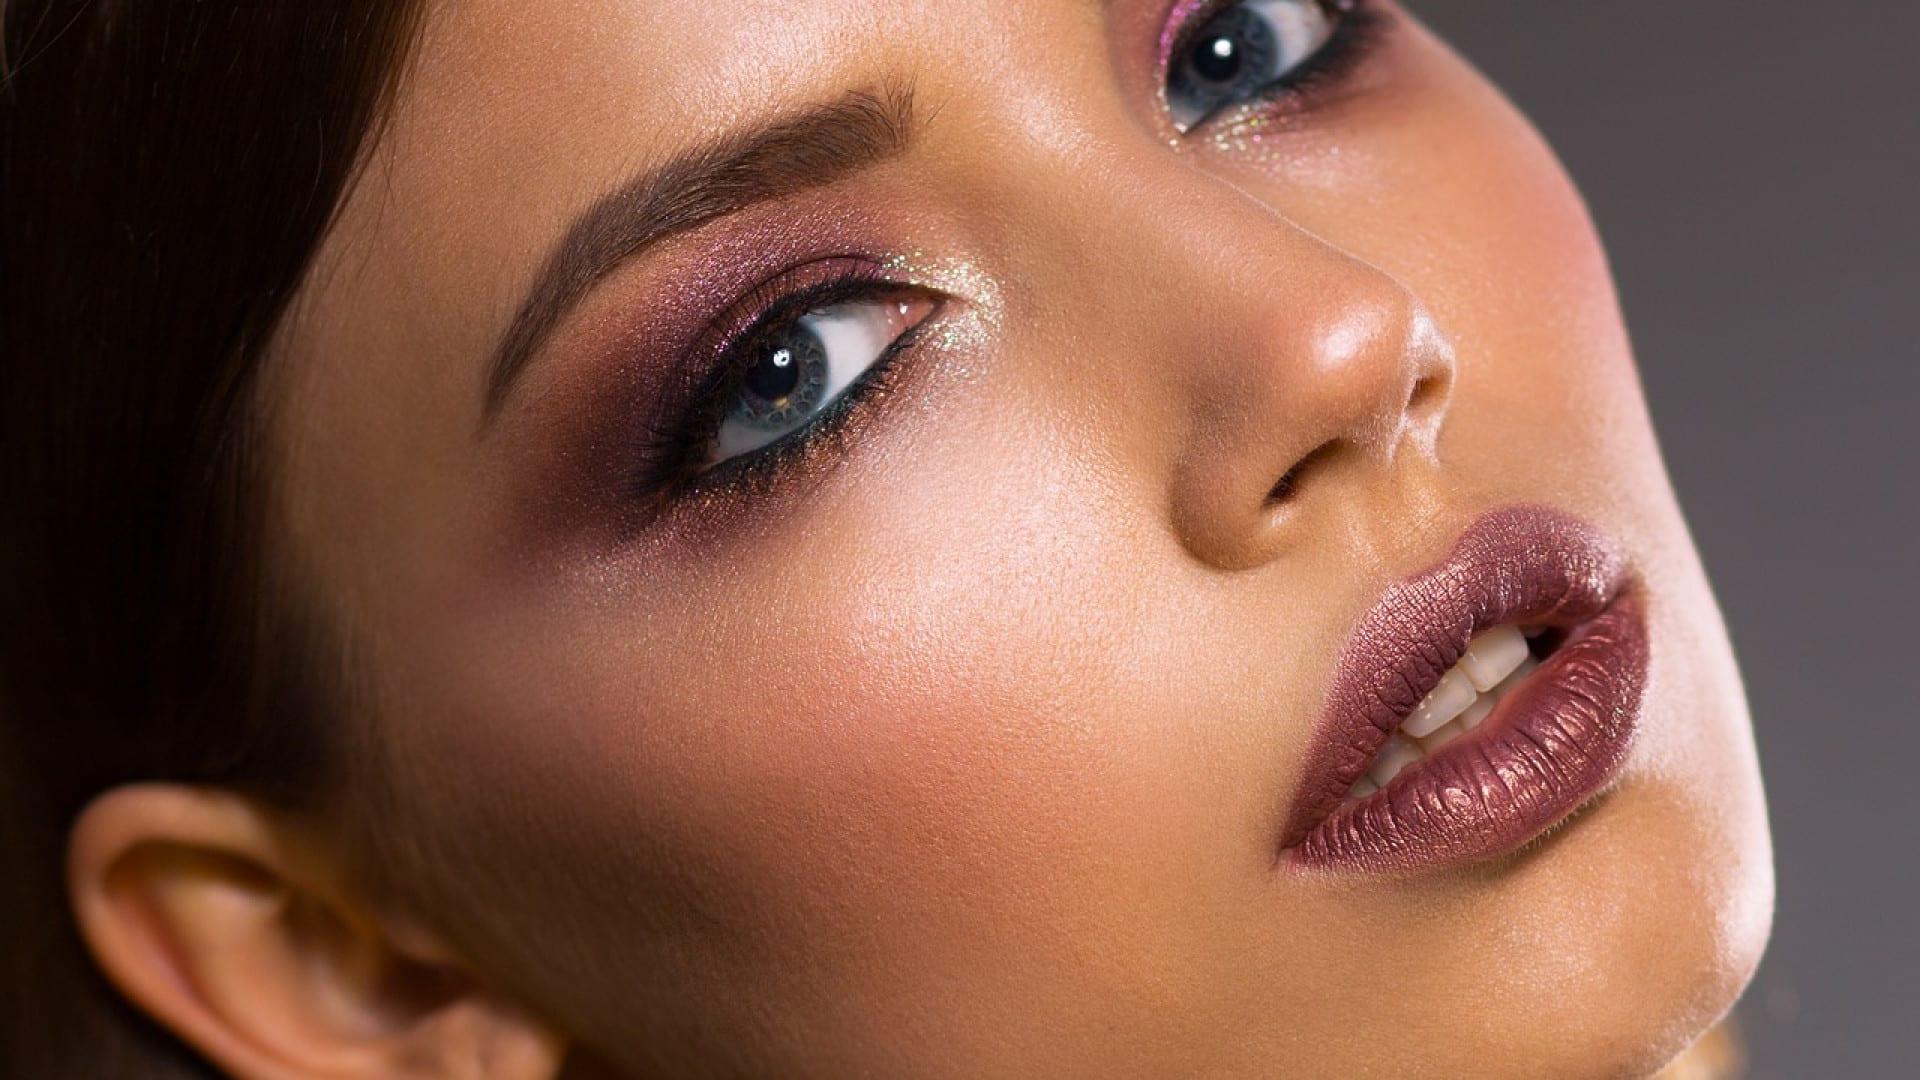 Choisissez des soins cosmétiques certifiés biologiques